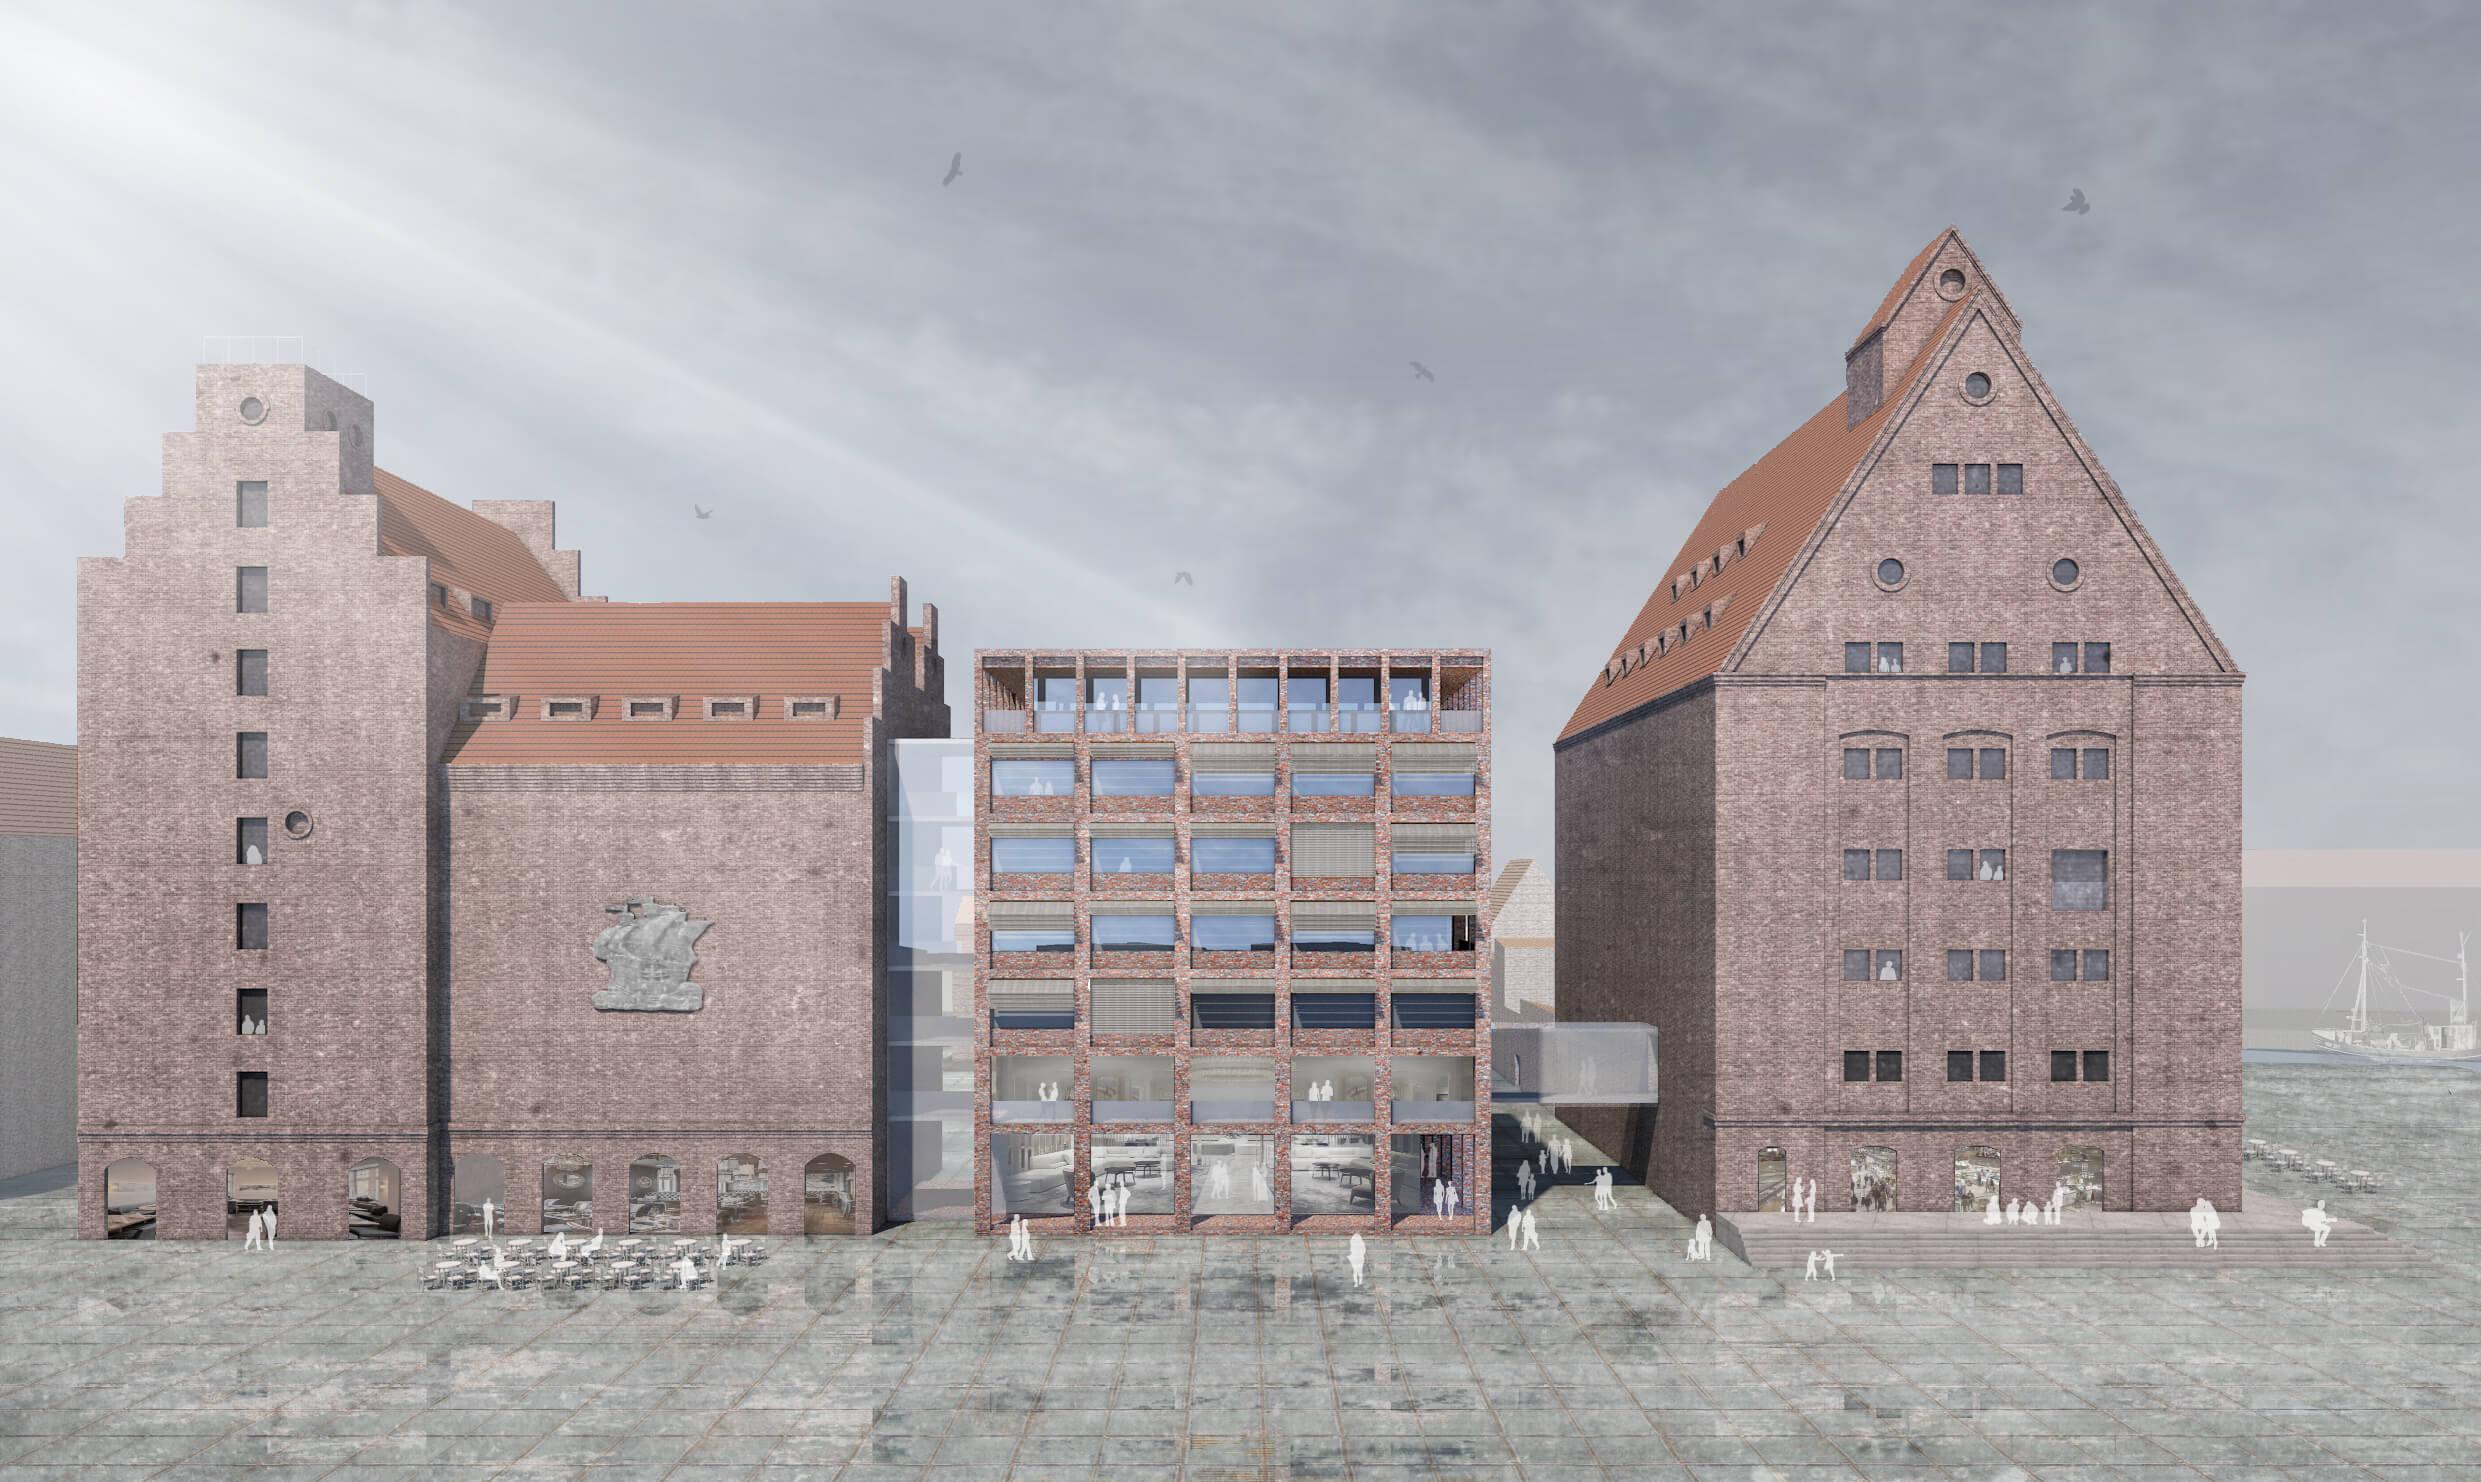 Nördliche Hafeninsel Stralsund Quartier 65